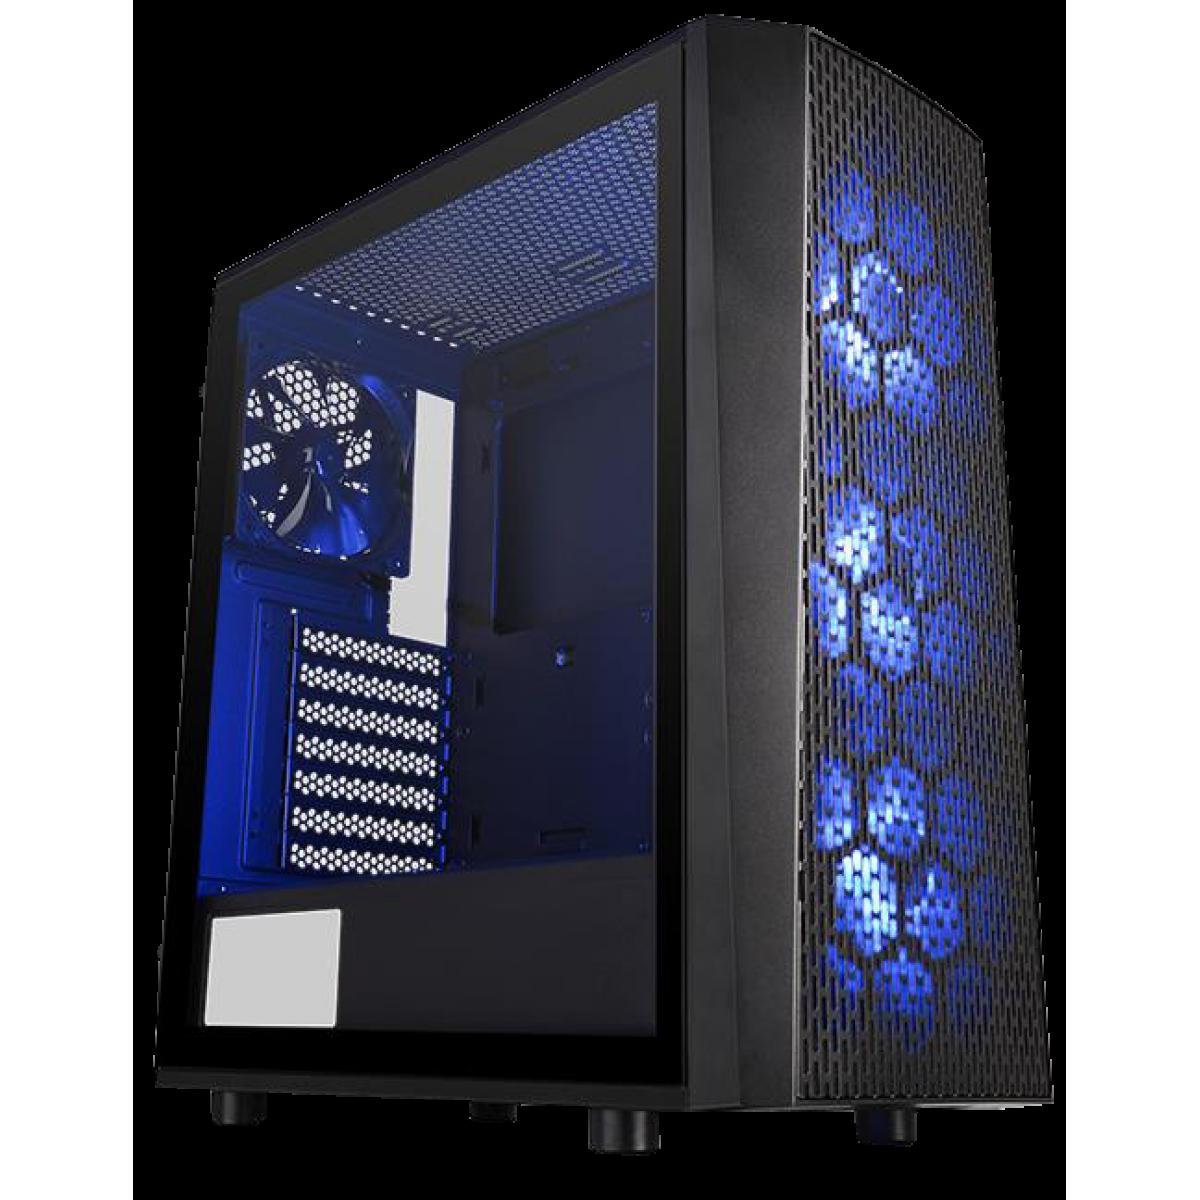 Gabinete Gamer Thermaltake Versa J24 RGB, Mid Tower, Com 4 Fans, Vidro temperado, Black, Sem Fonte, CA-1L7-00M1WN-01